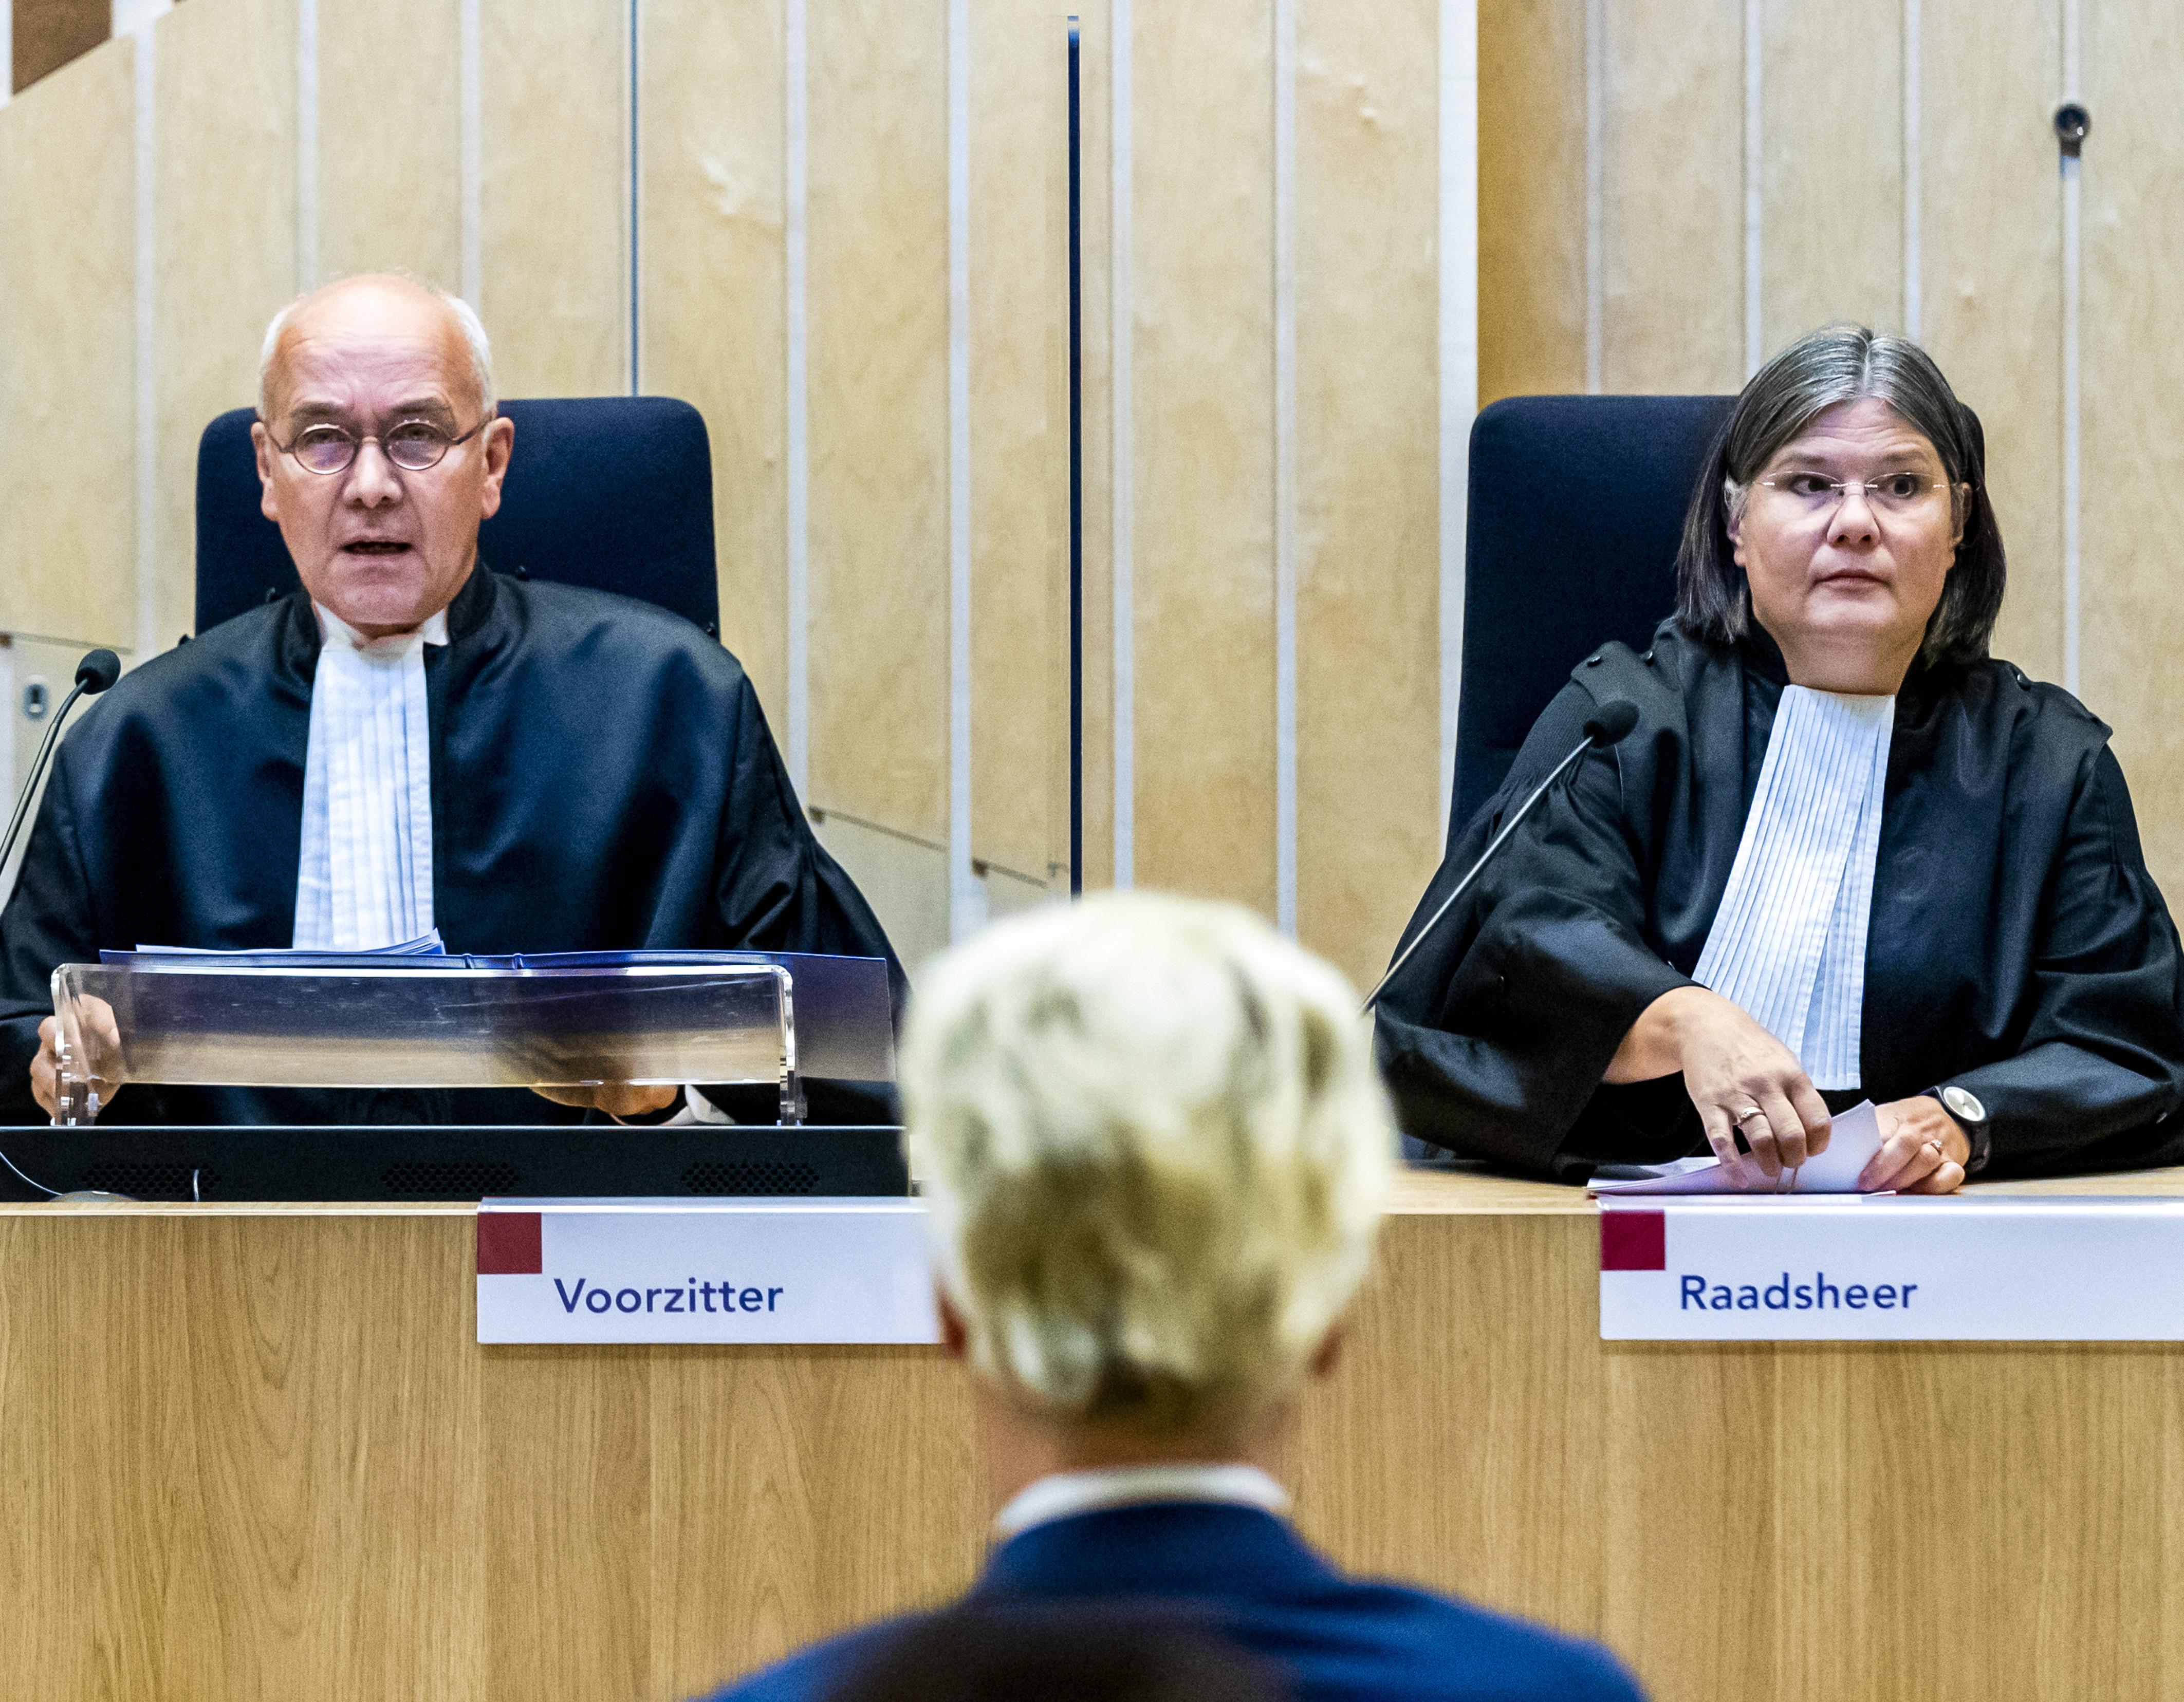 Een foto van voorzitter Reinking voor Geert Wilders